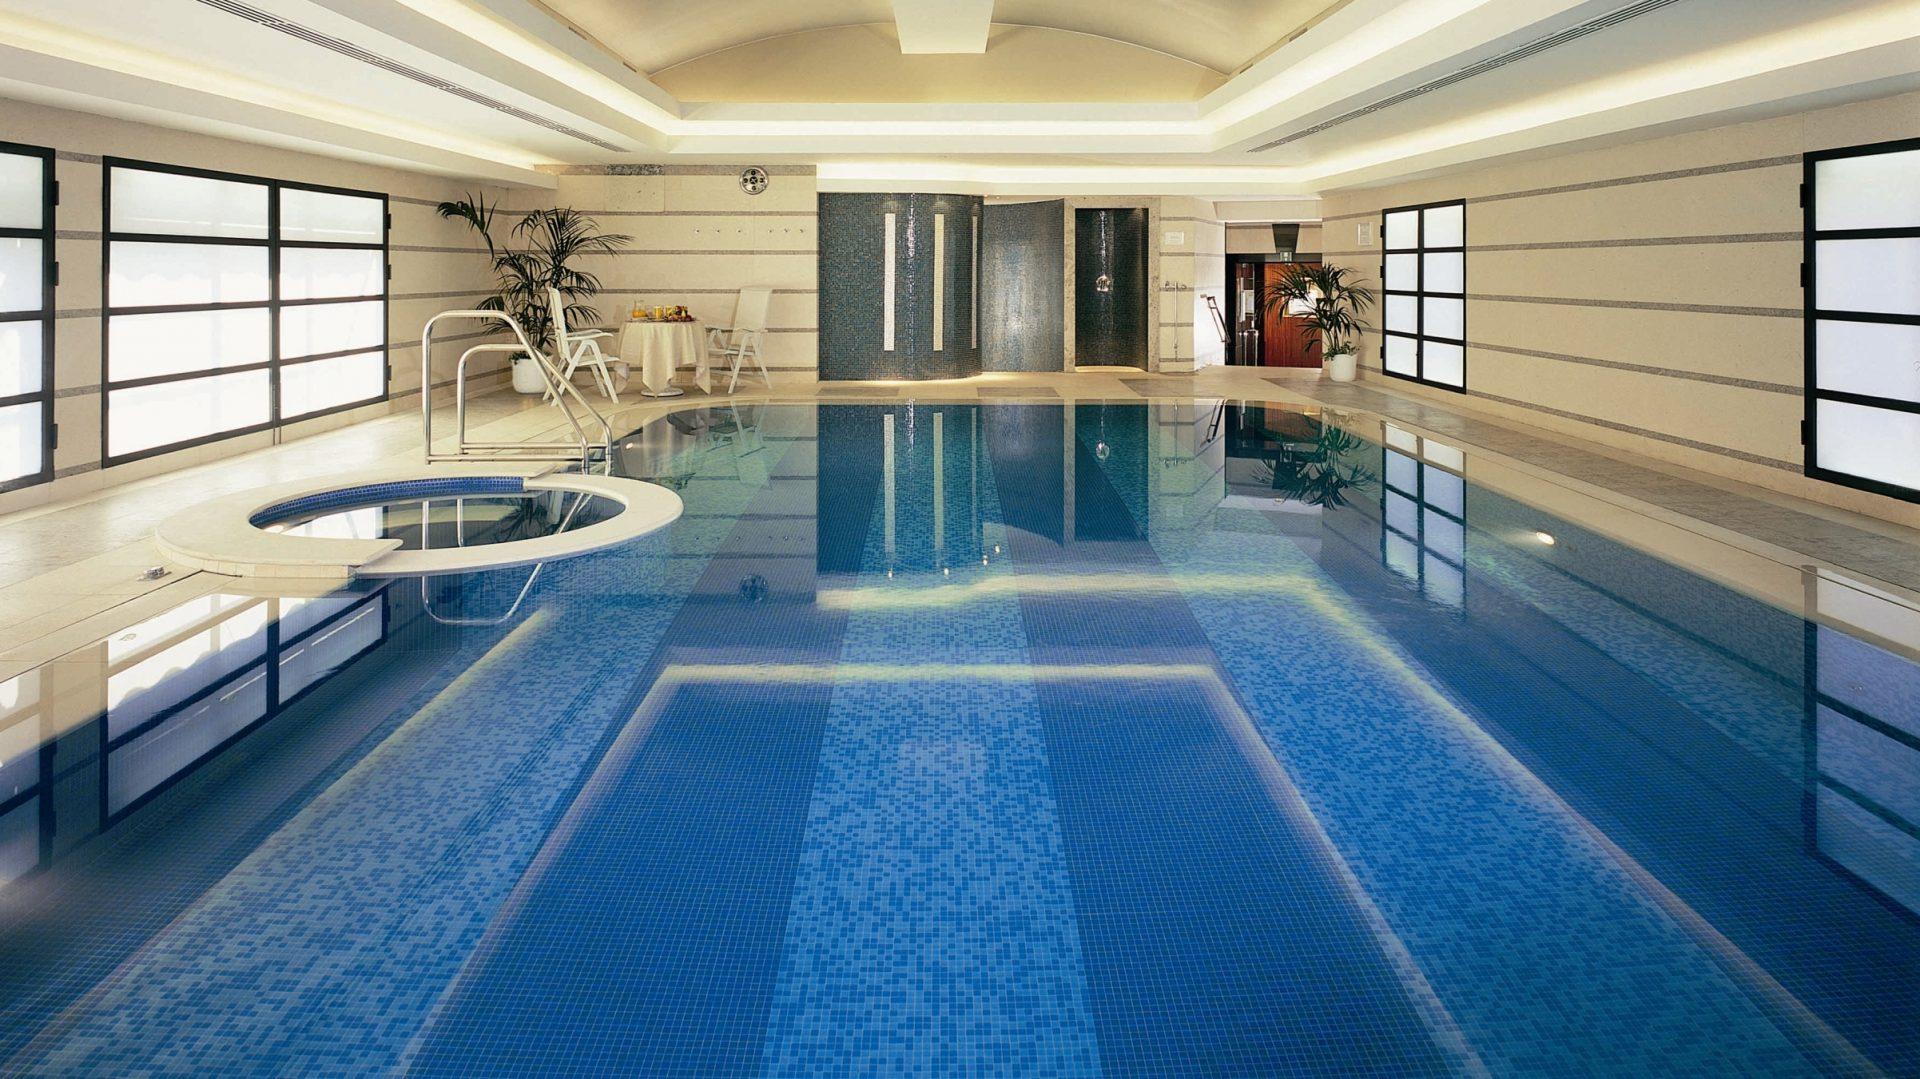 club 10 principe di savoia, swimming pool and jacuzzi